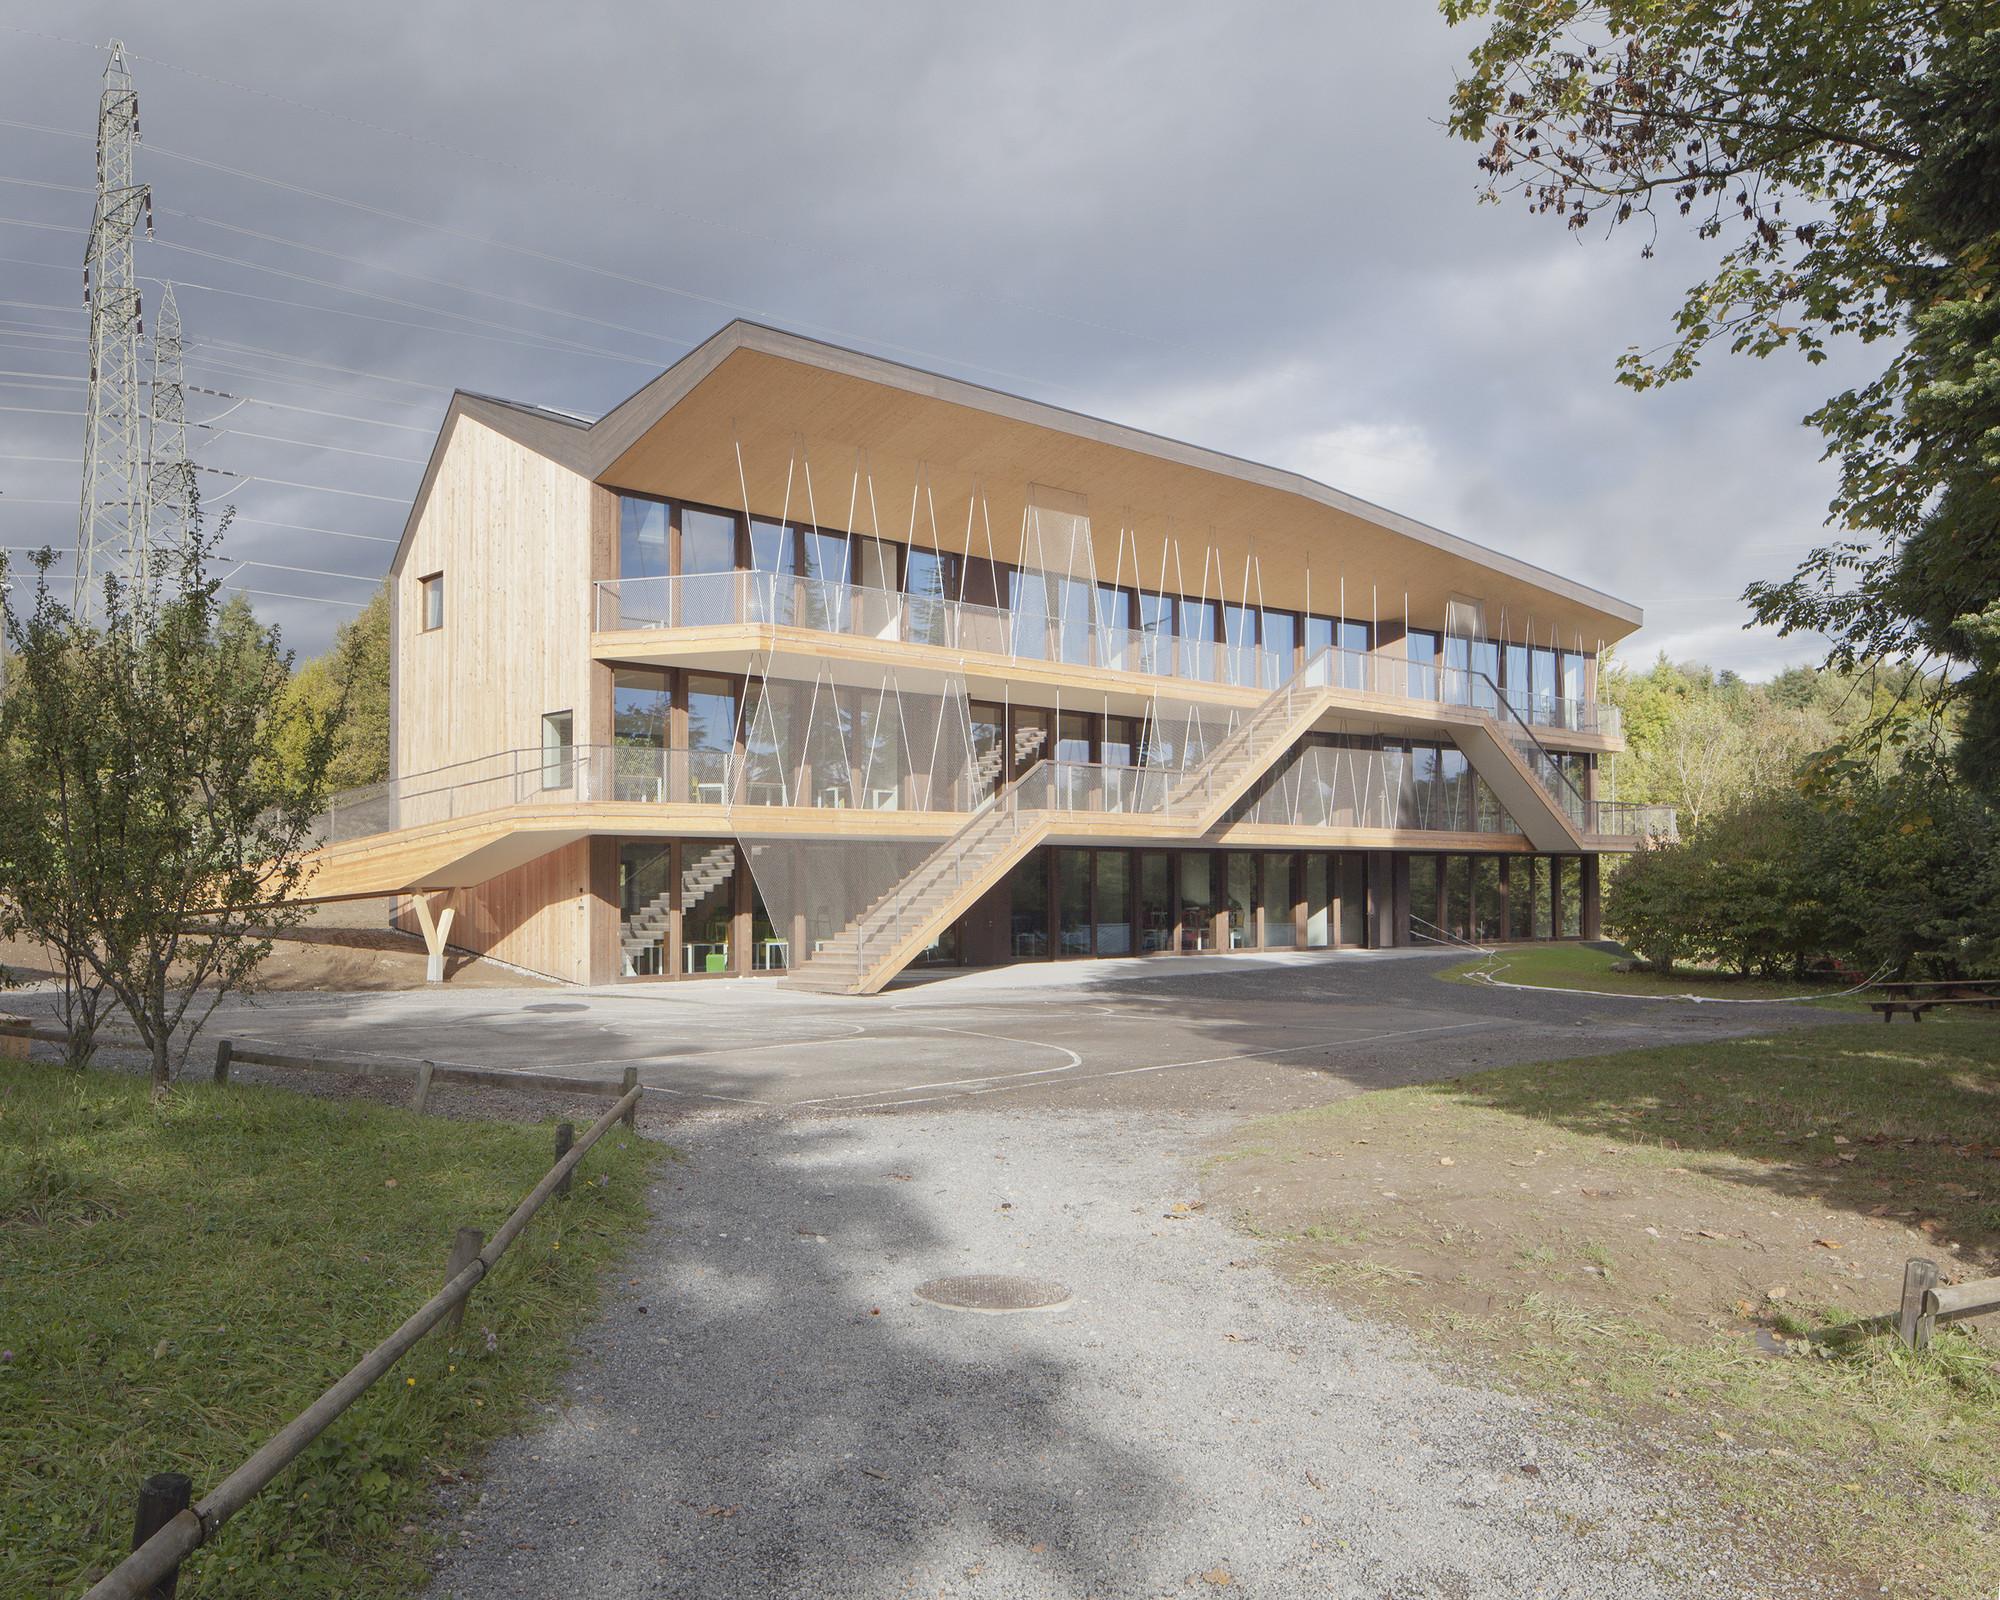 Steiner School / LOCALARCHITECTURE, © Matthieu Gafsou